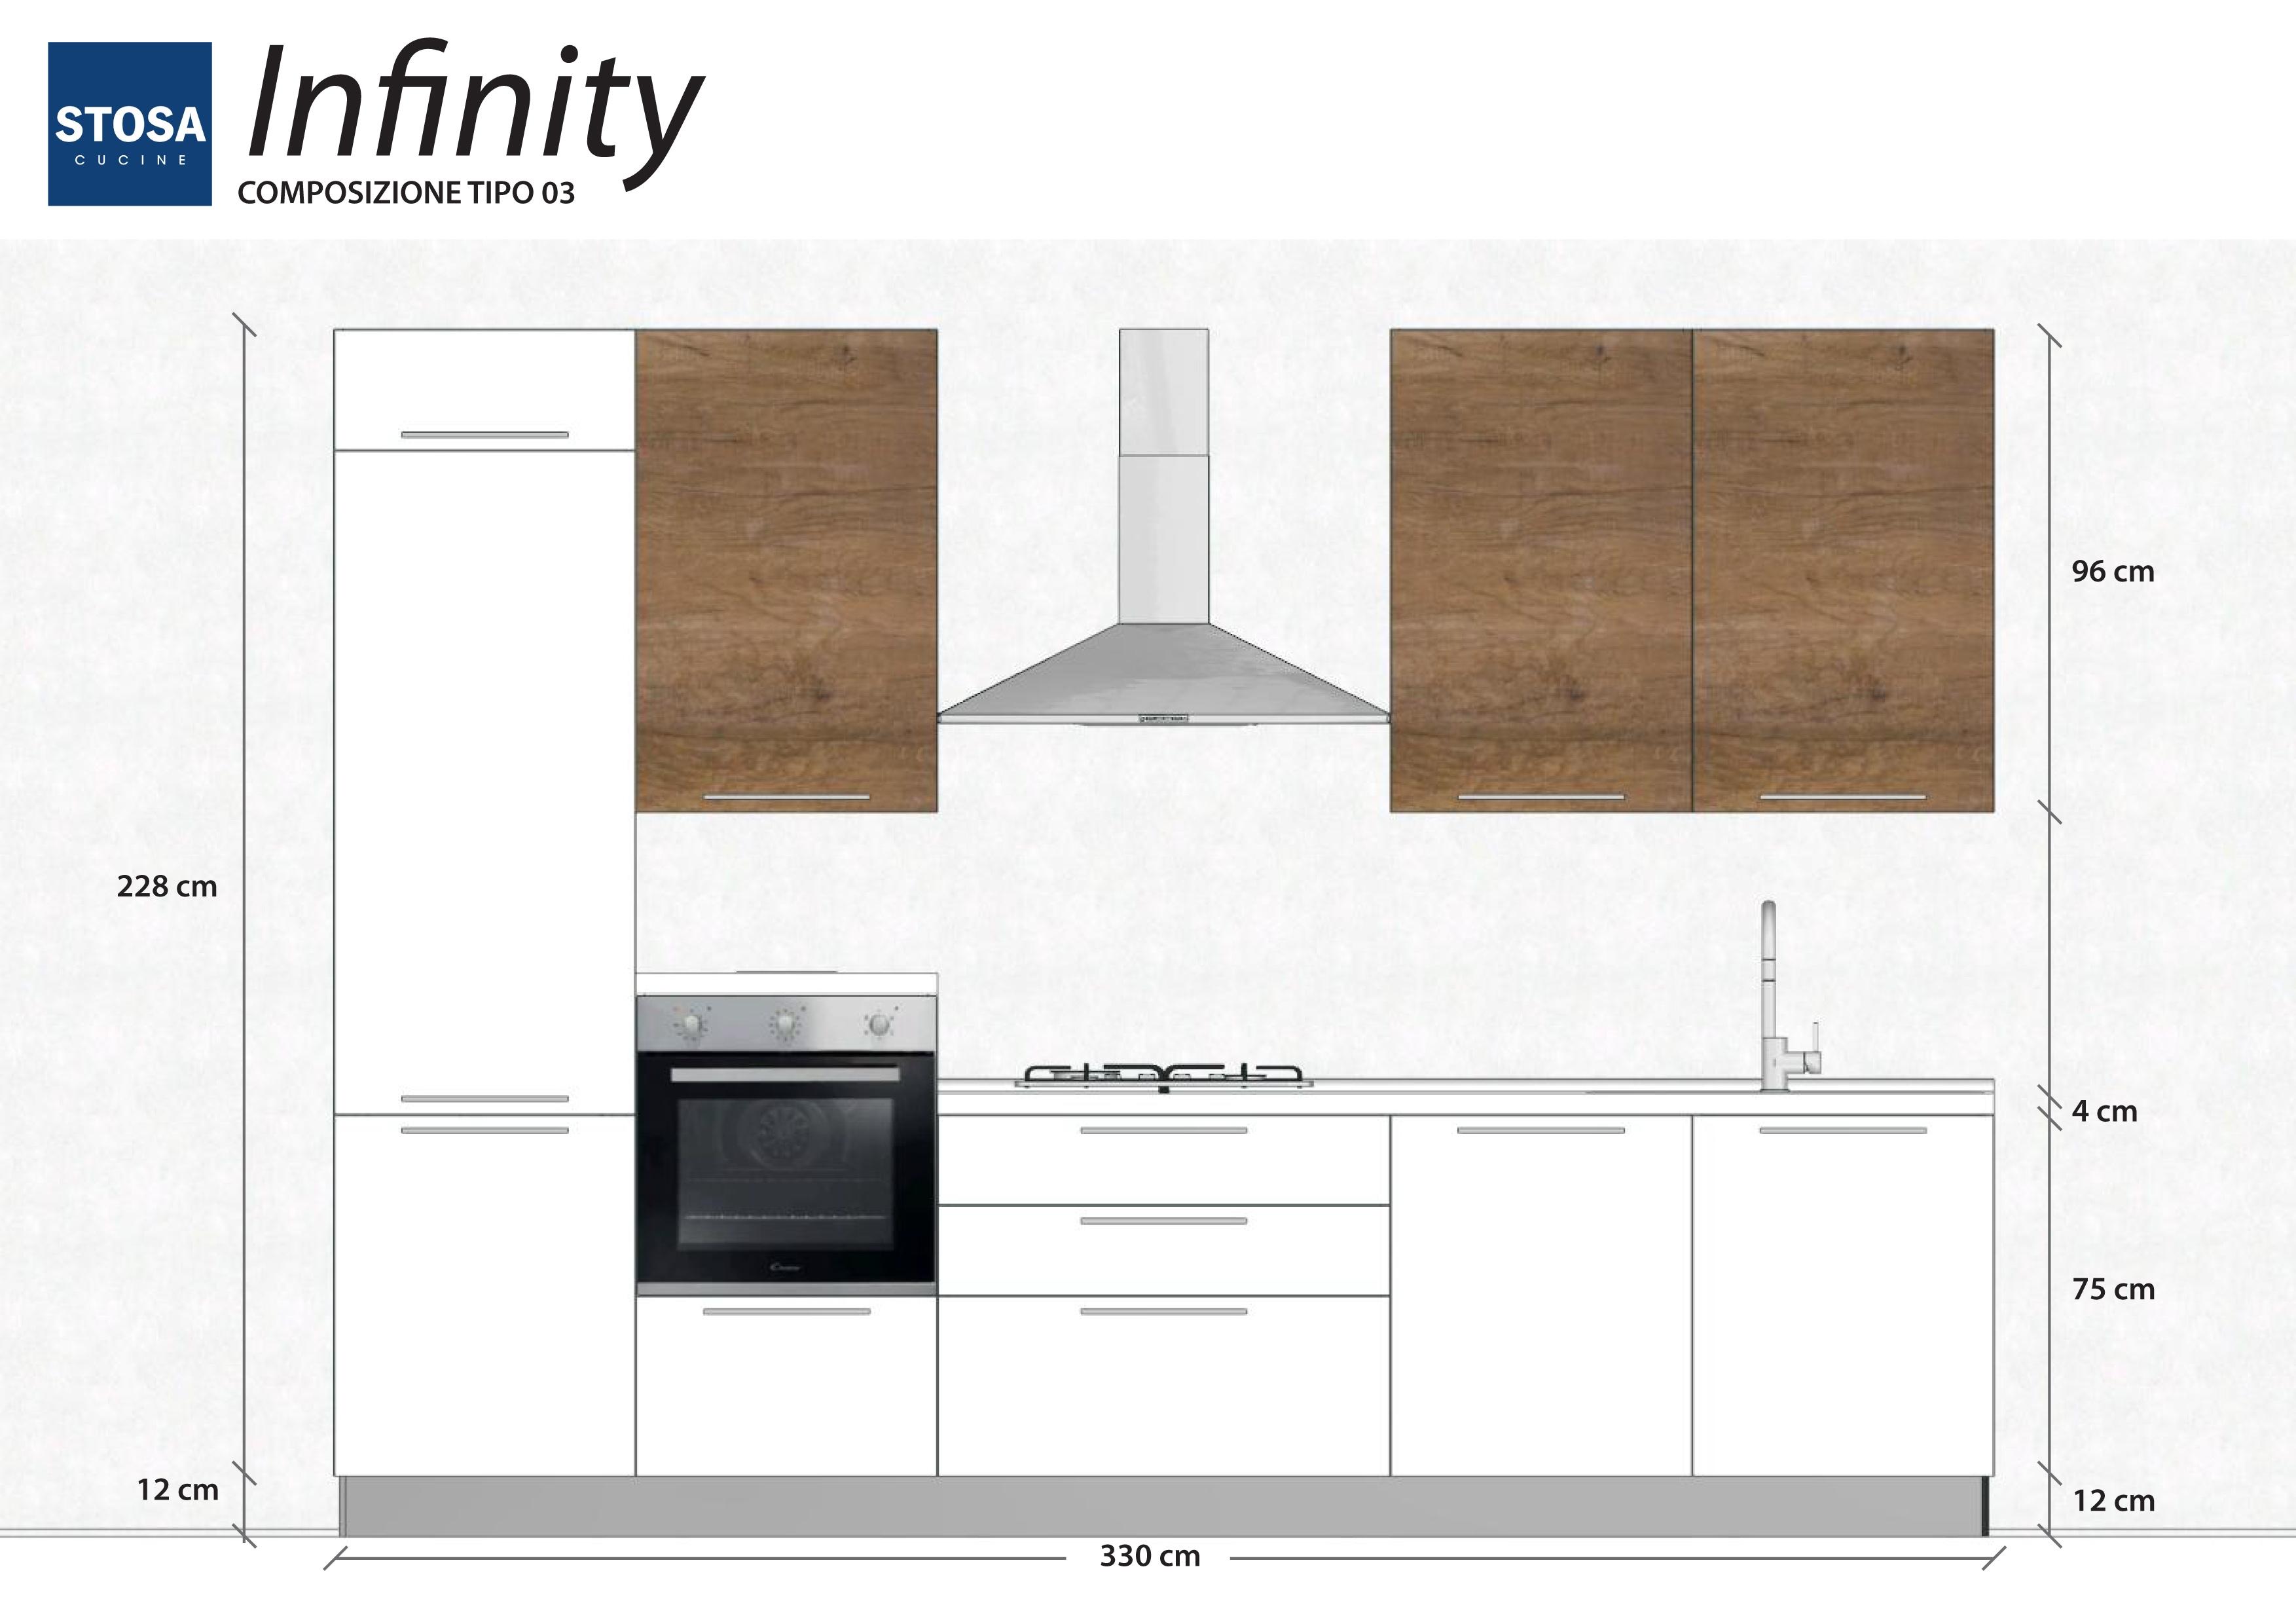 Stosa cucine infinity bloccata cucine a prezzi scontati - Altezza cucina stosa ...